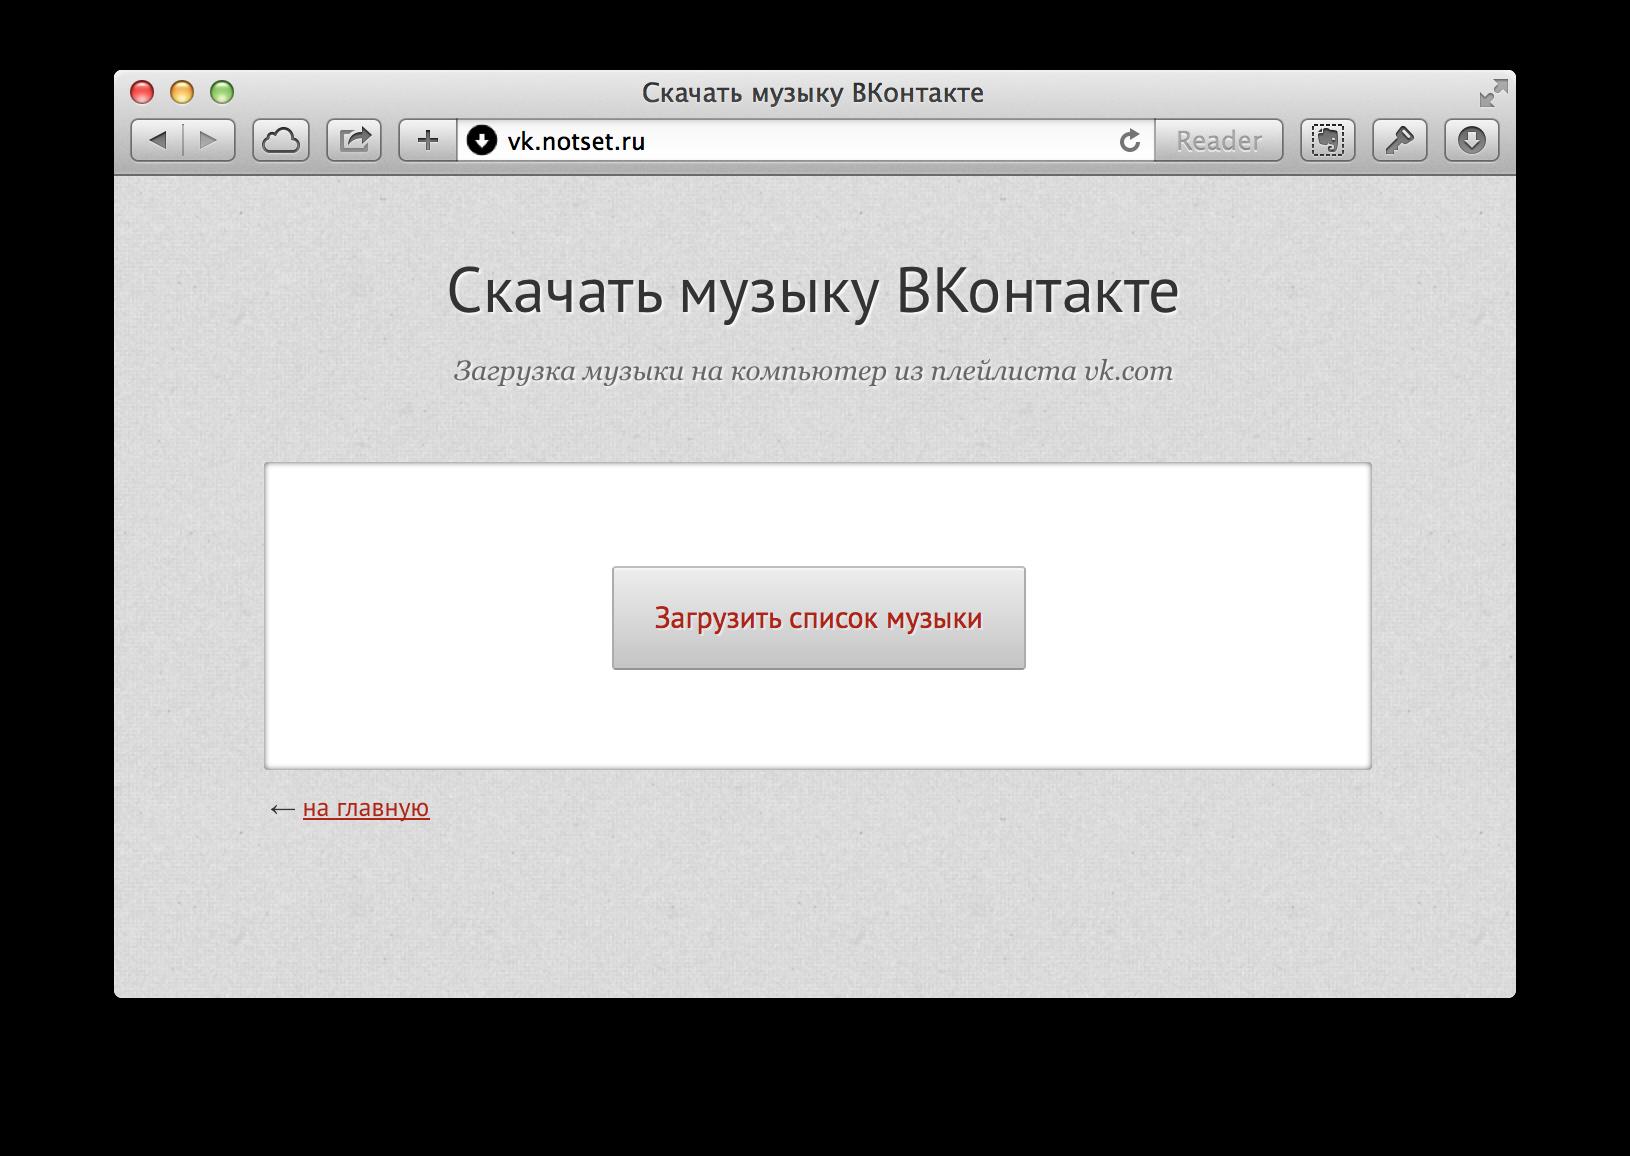 Как скачать музыку с ВКонтакте без всяких плагинов